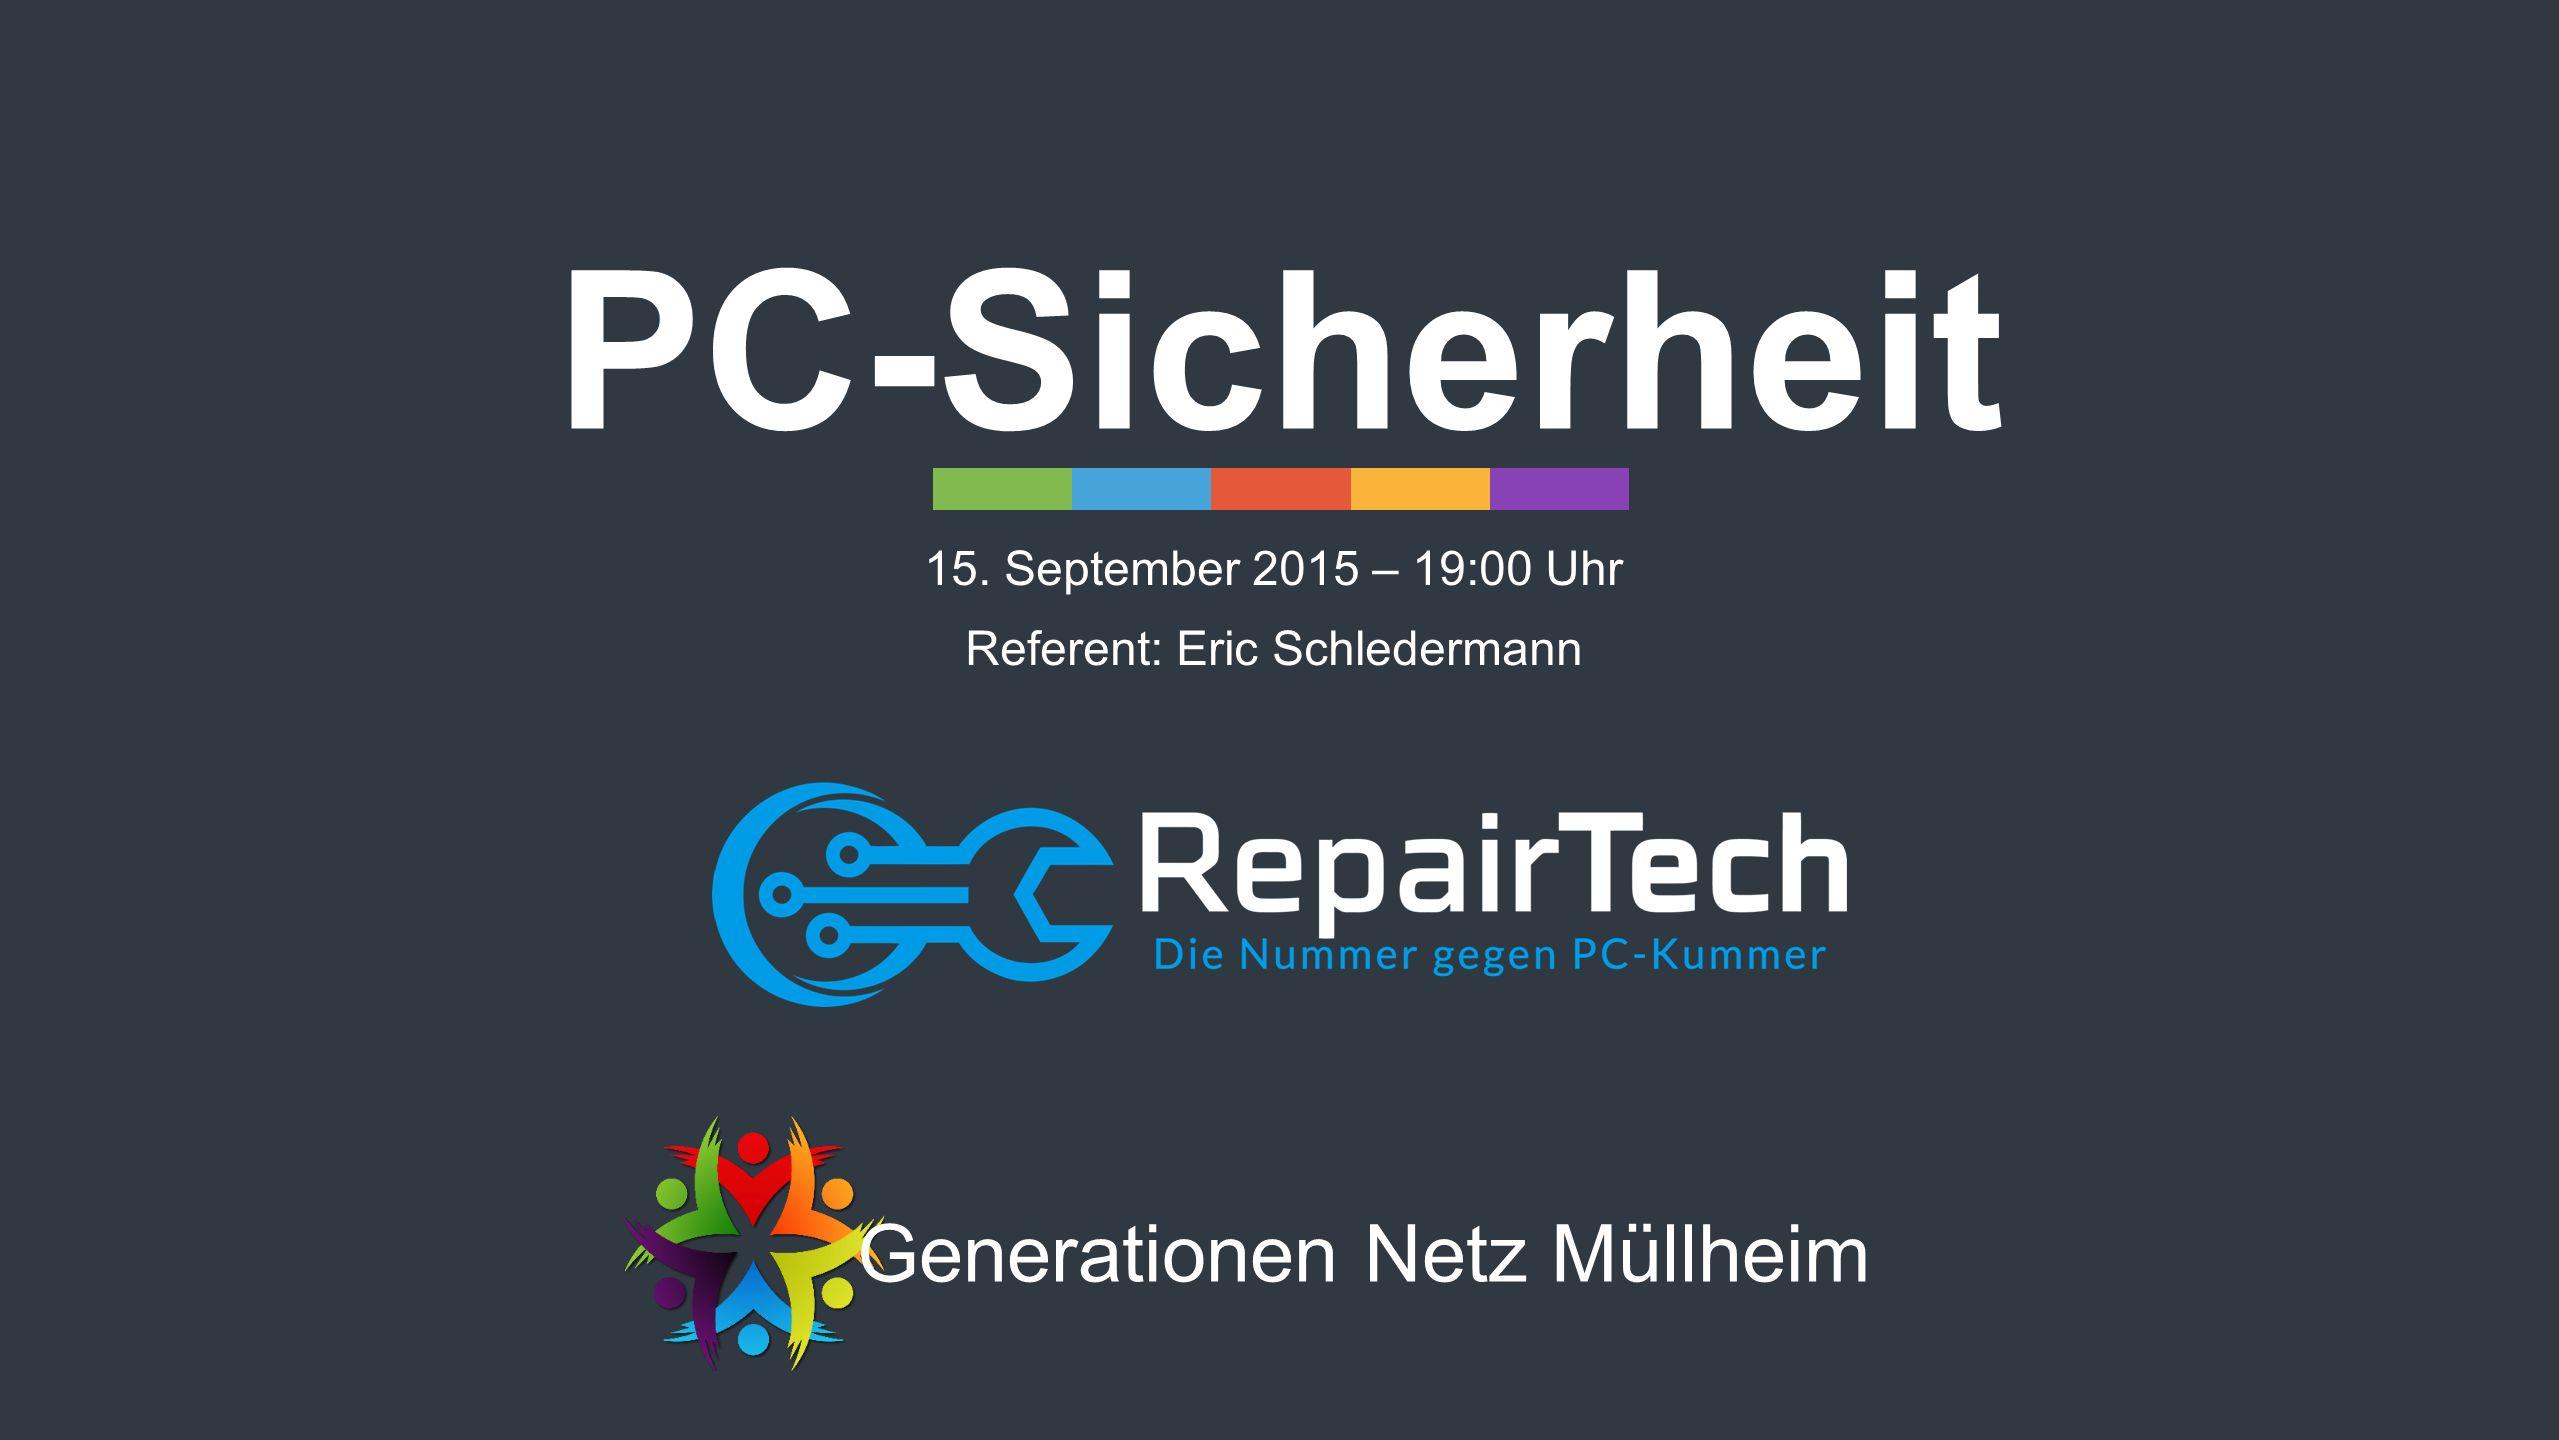 PC-Sicherheit 15. September 2015 – 19:00 Uhr Referent: Eric Schledermann Generationen Netz Müllheim